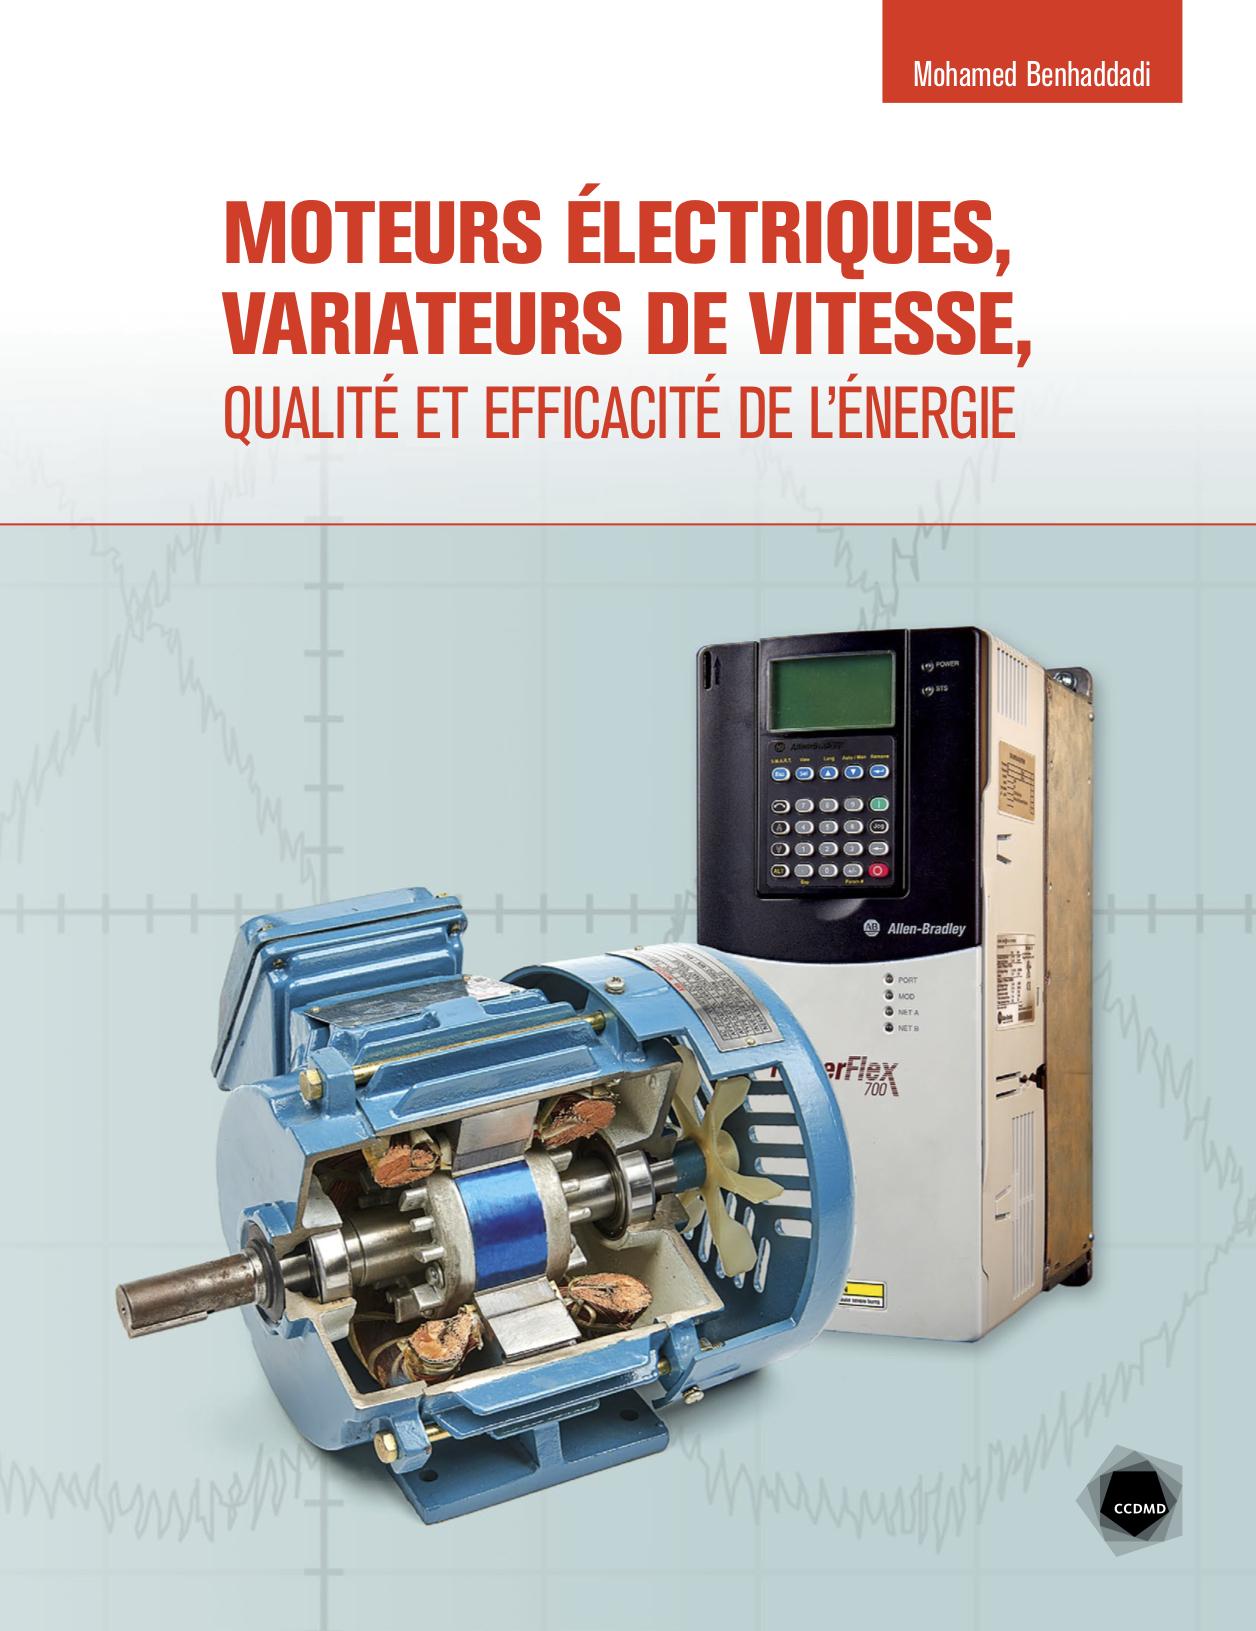 Moteurs électriques, variateurs de vitesse, qualité et efficacité de l'énergie